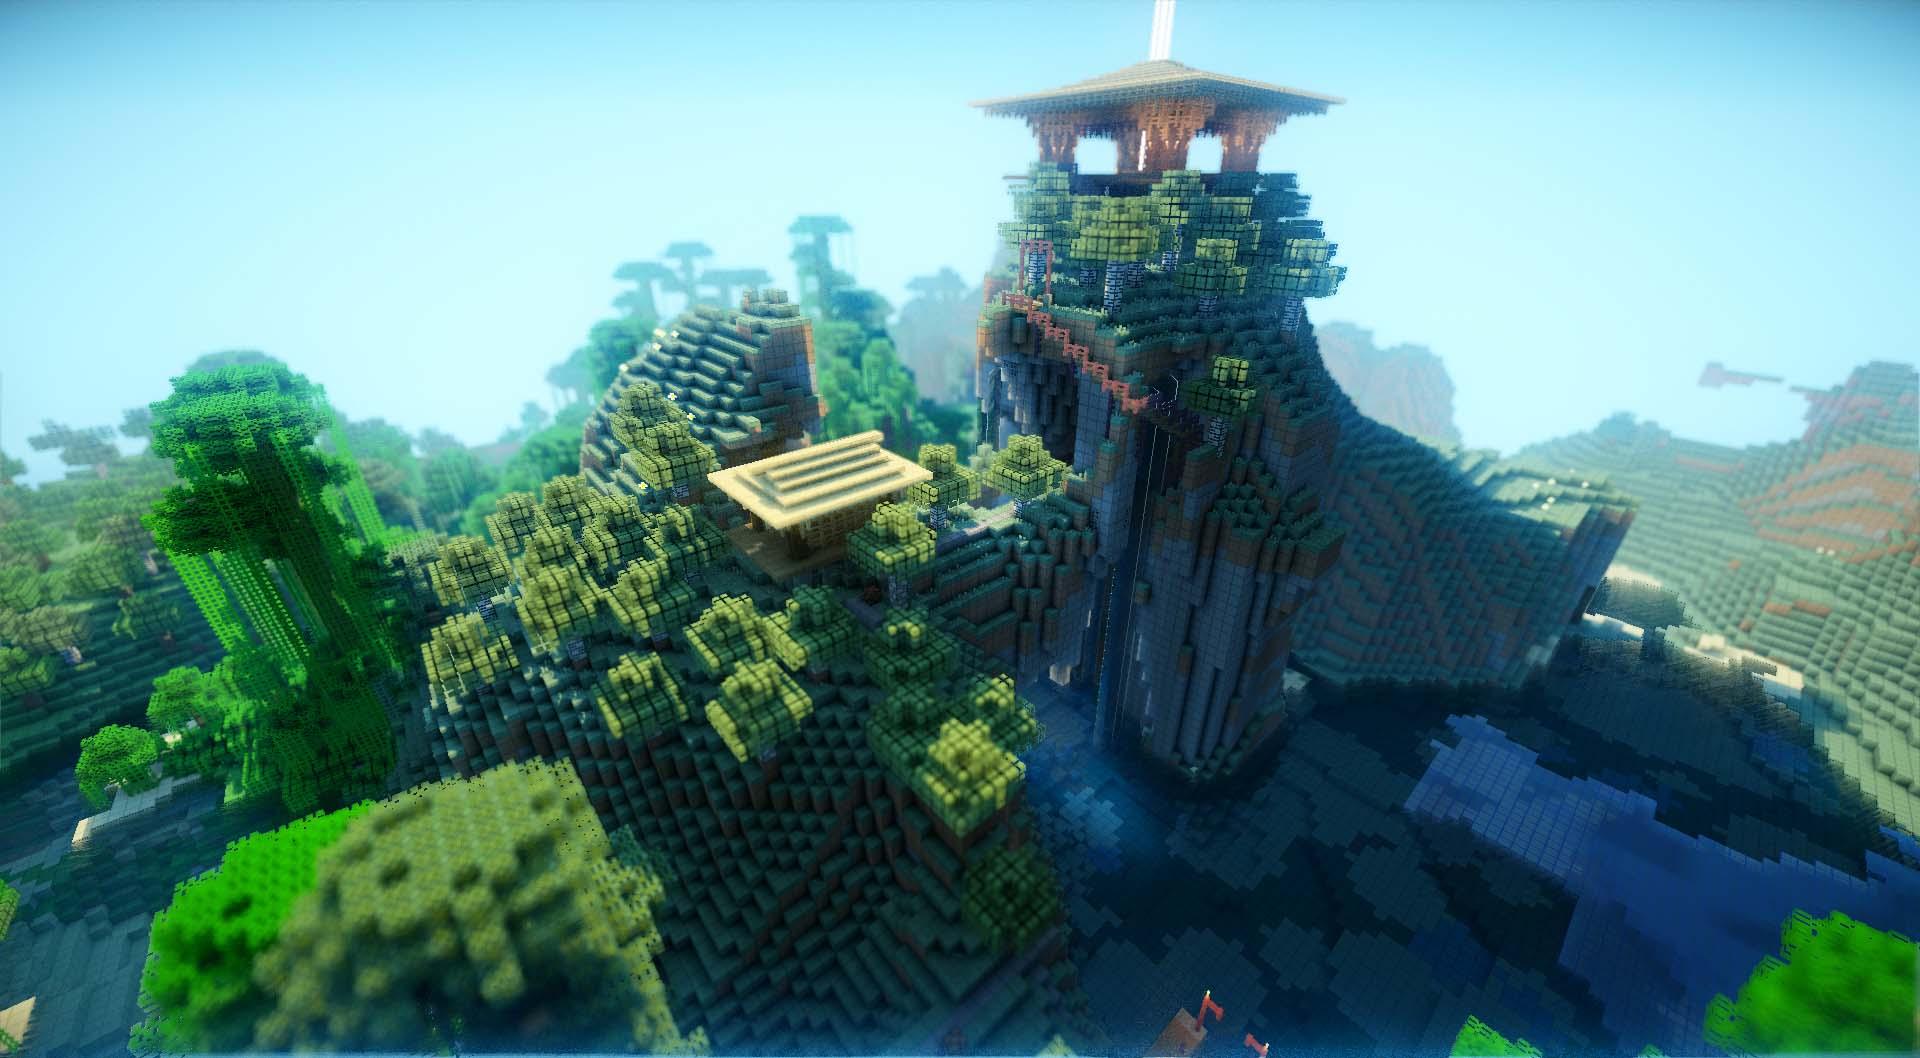 Hình nền minecraft 3D đẹp